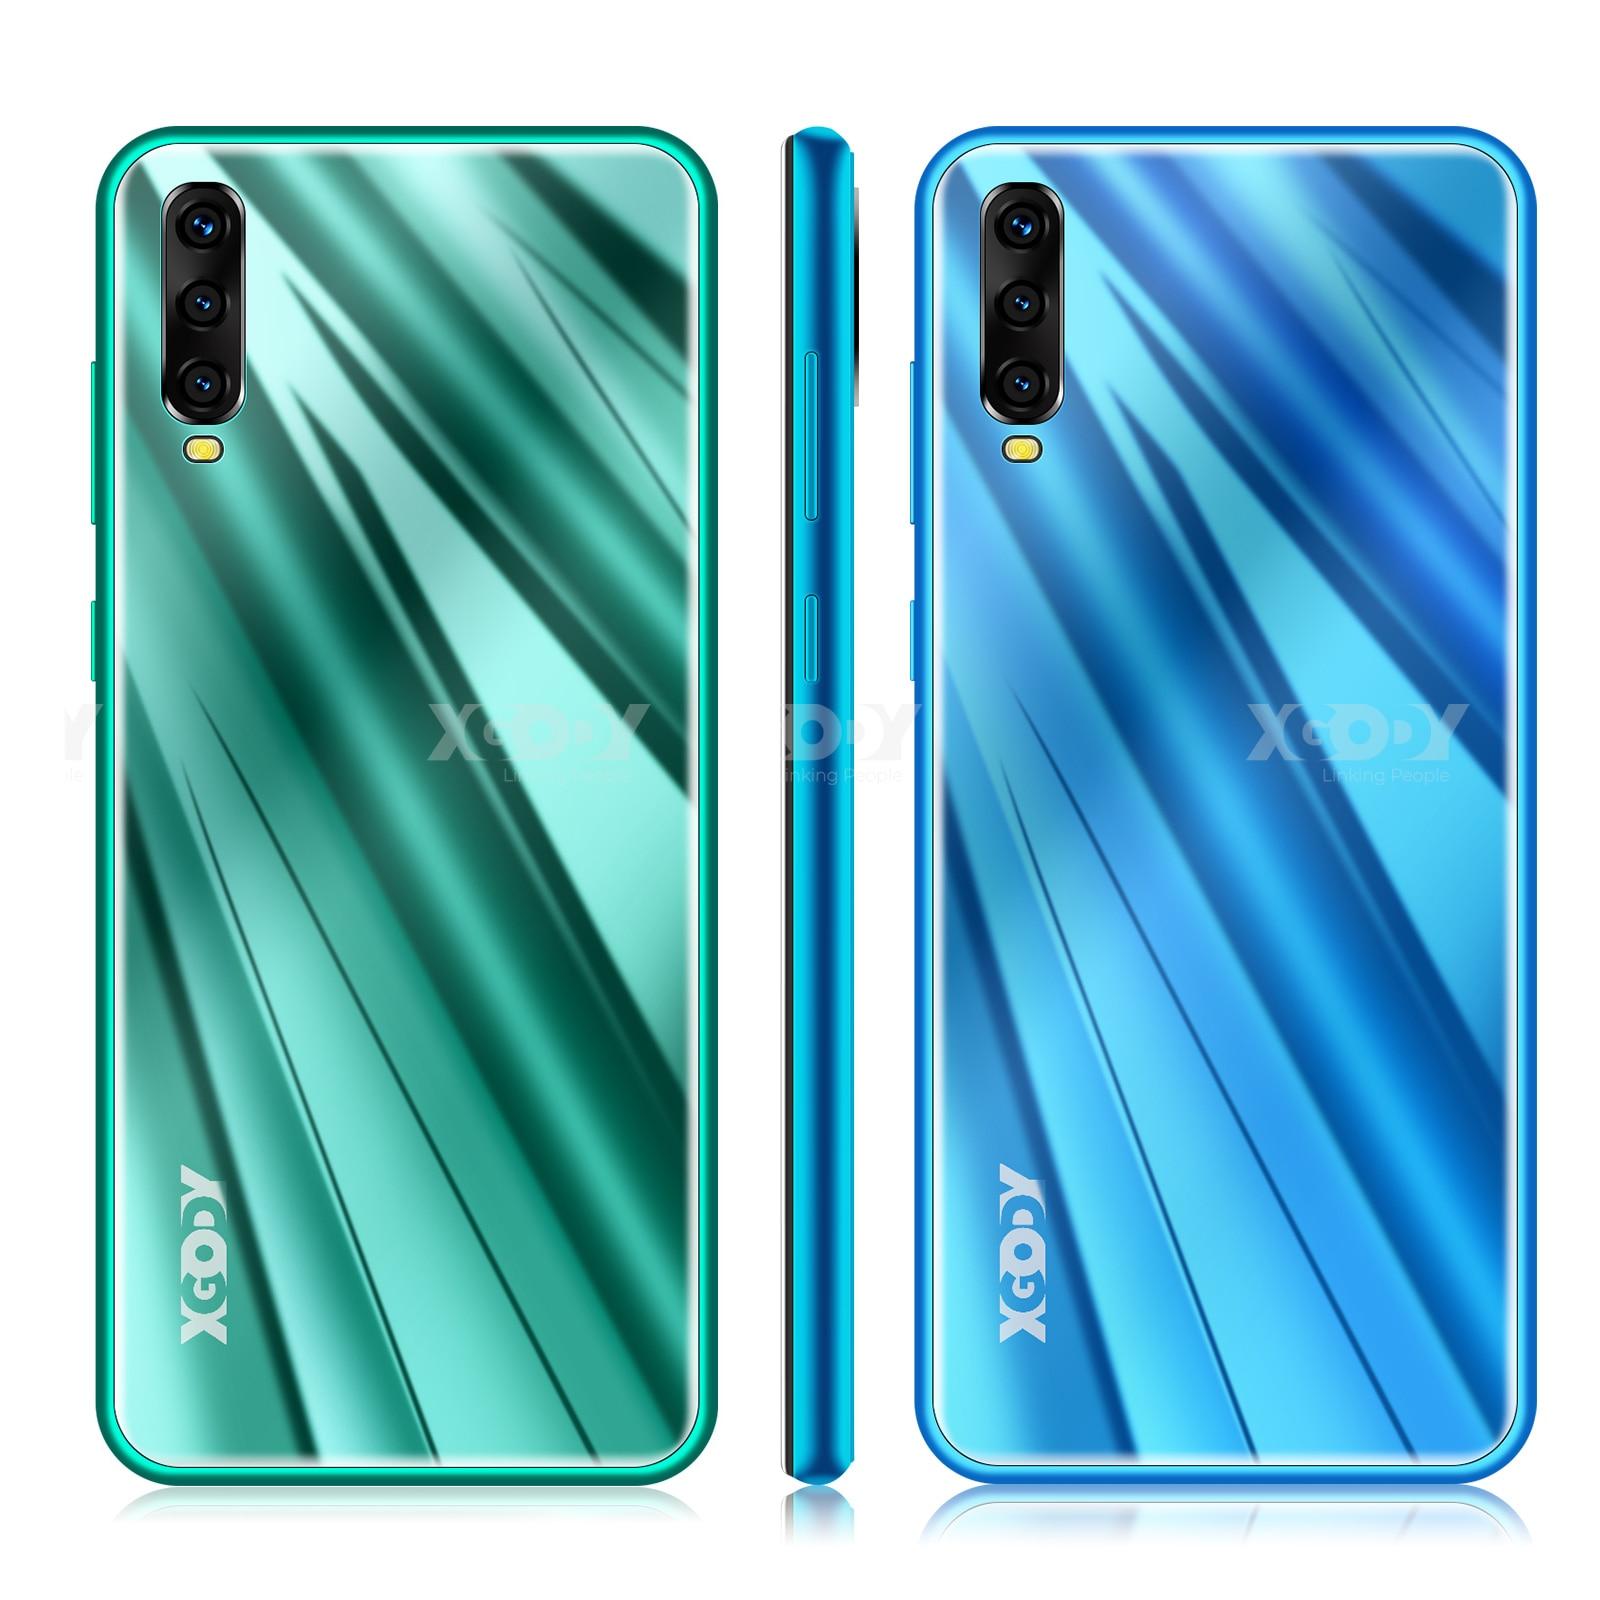 Смартфон XGODY 3G, 3000 мАч, 6,53 дюйма, 19:9, Android 9,0, две Sim-карты, камера 5 Мп, 2 Гб ОЗУ 16 Гб ПЗУ, GPS, Wi-Fi, мобильный телефон, сотовый телефон A90